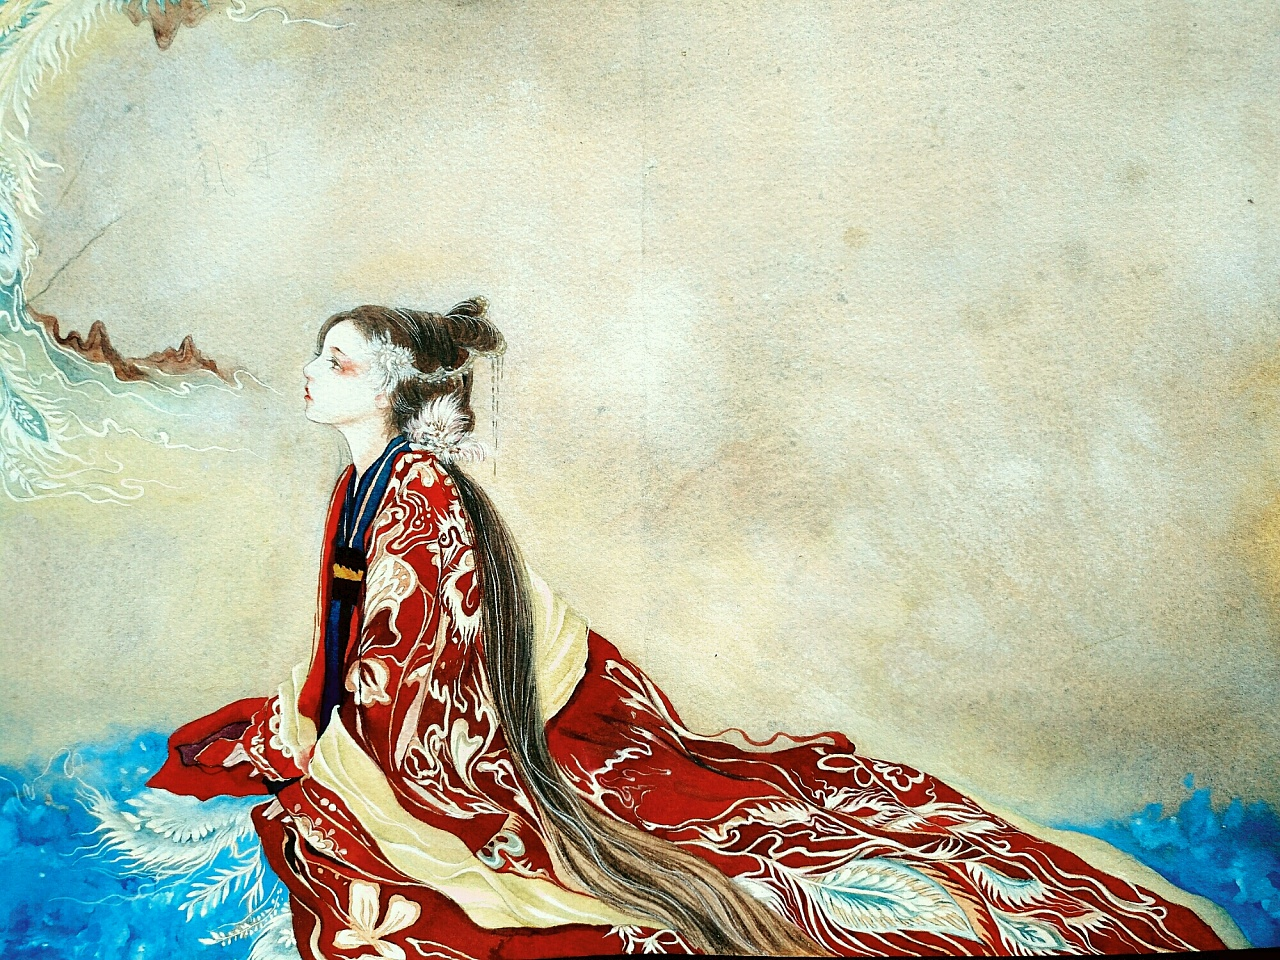 凰女妖娆盛宠逆天王妃 魔尊追妻绝宠逆世神女